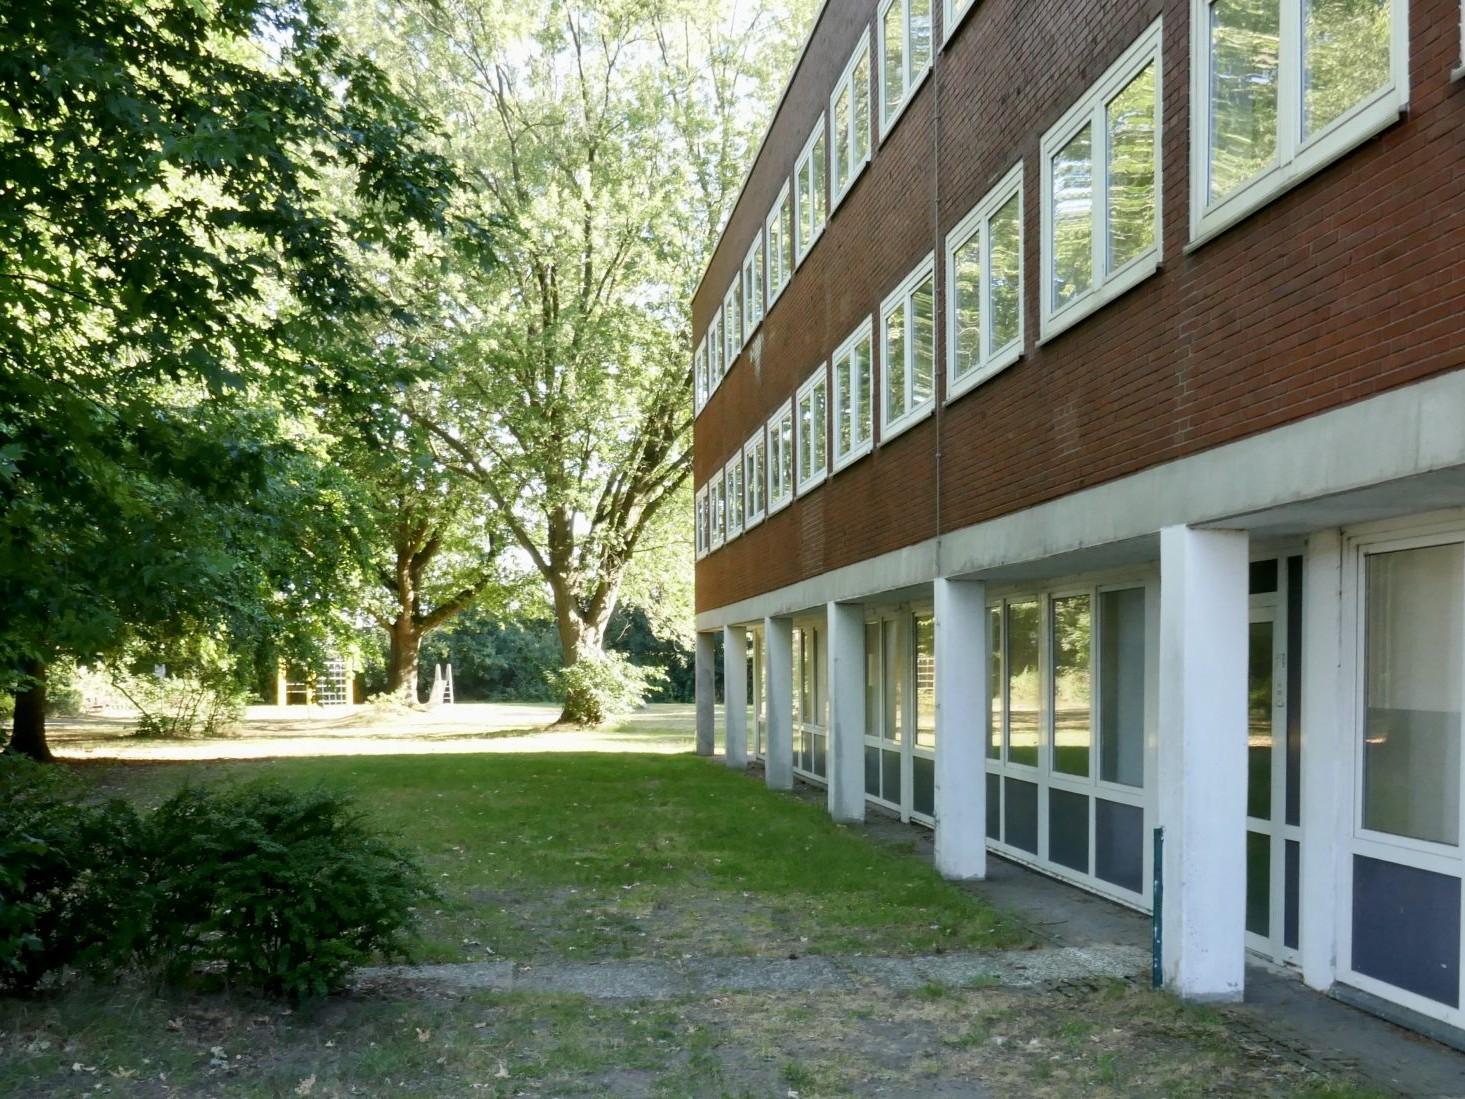 Einst gebaut vor den Toren der Stadt: Heerde Colleg - heute städtisches Probezentrum für Kulturprojekte - Foto: Stefan Rethfeld